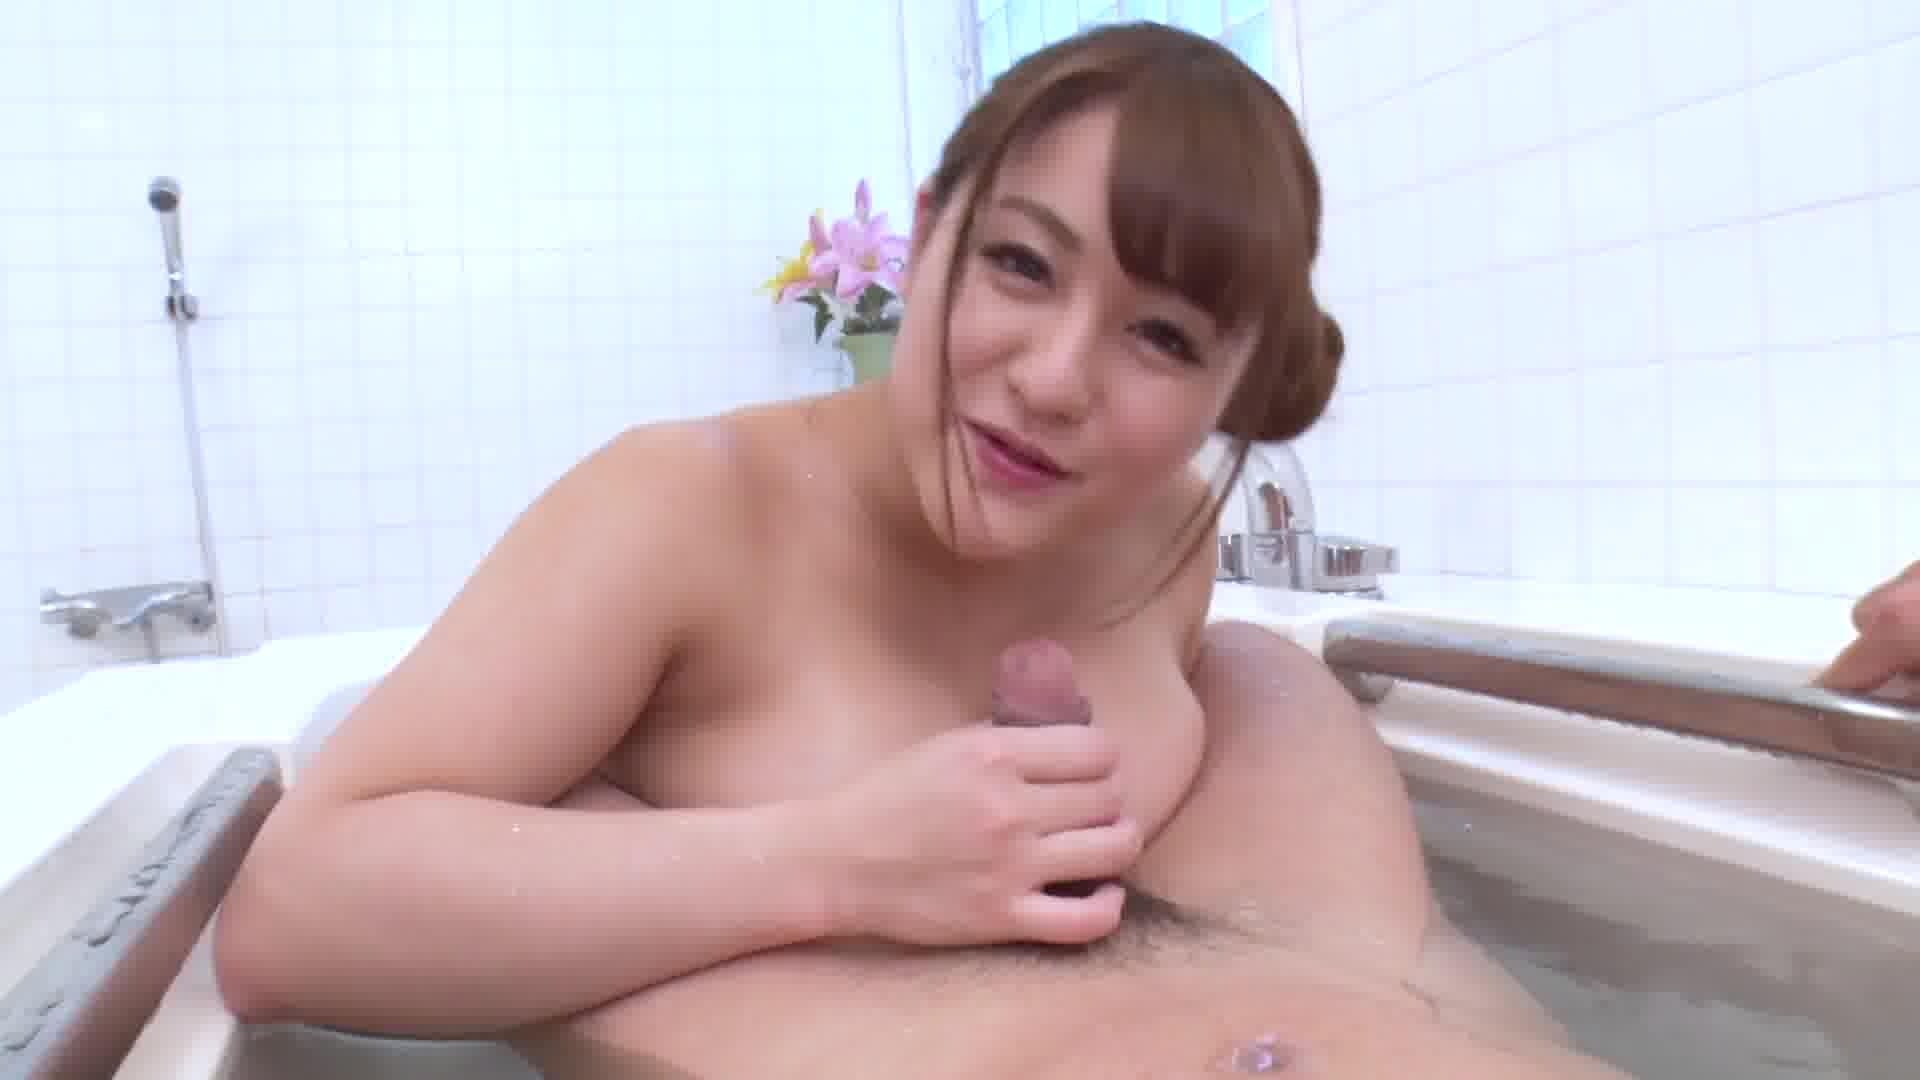 極上泡姫物語 Vol.75 - 祈里きすみ【巨乳・パイズリ・隠語】